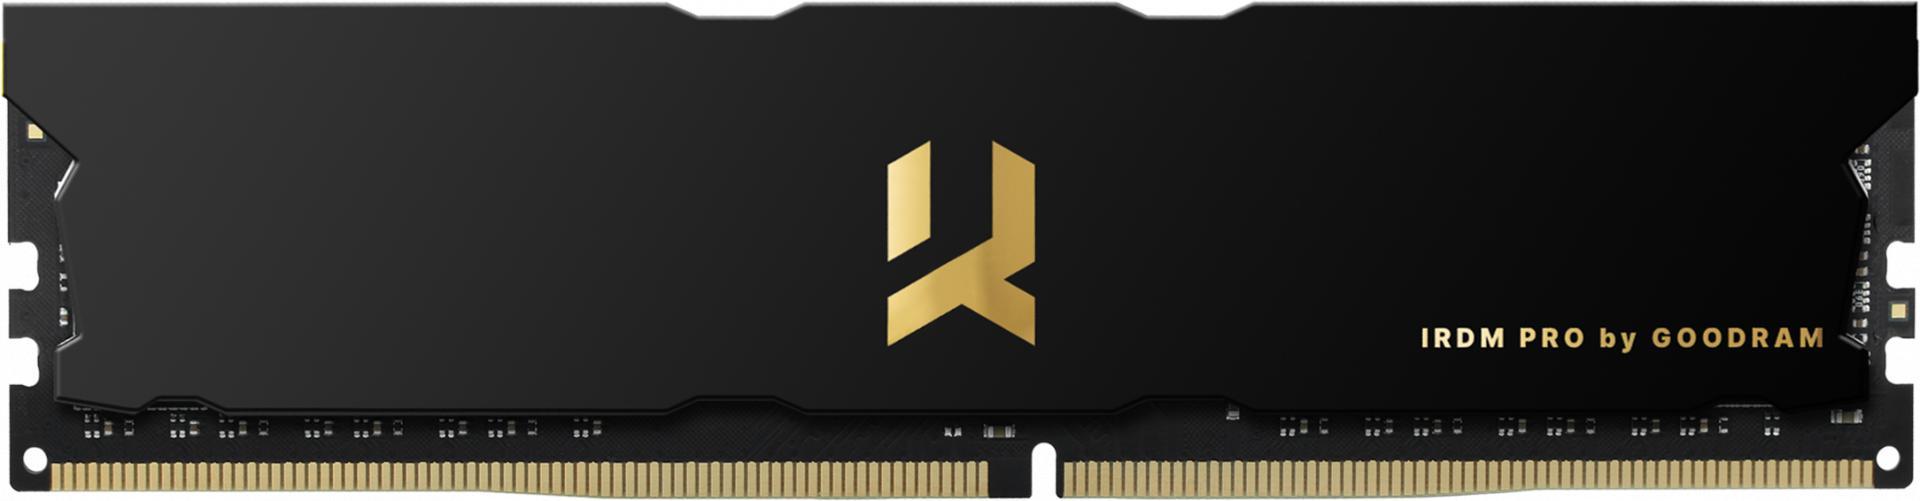 Свежие ОЗУ, SSD икарты памяти GOODRAM поступают впродажу